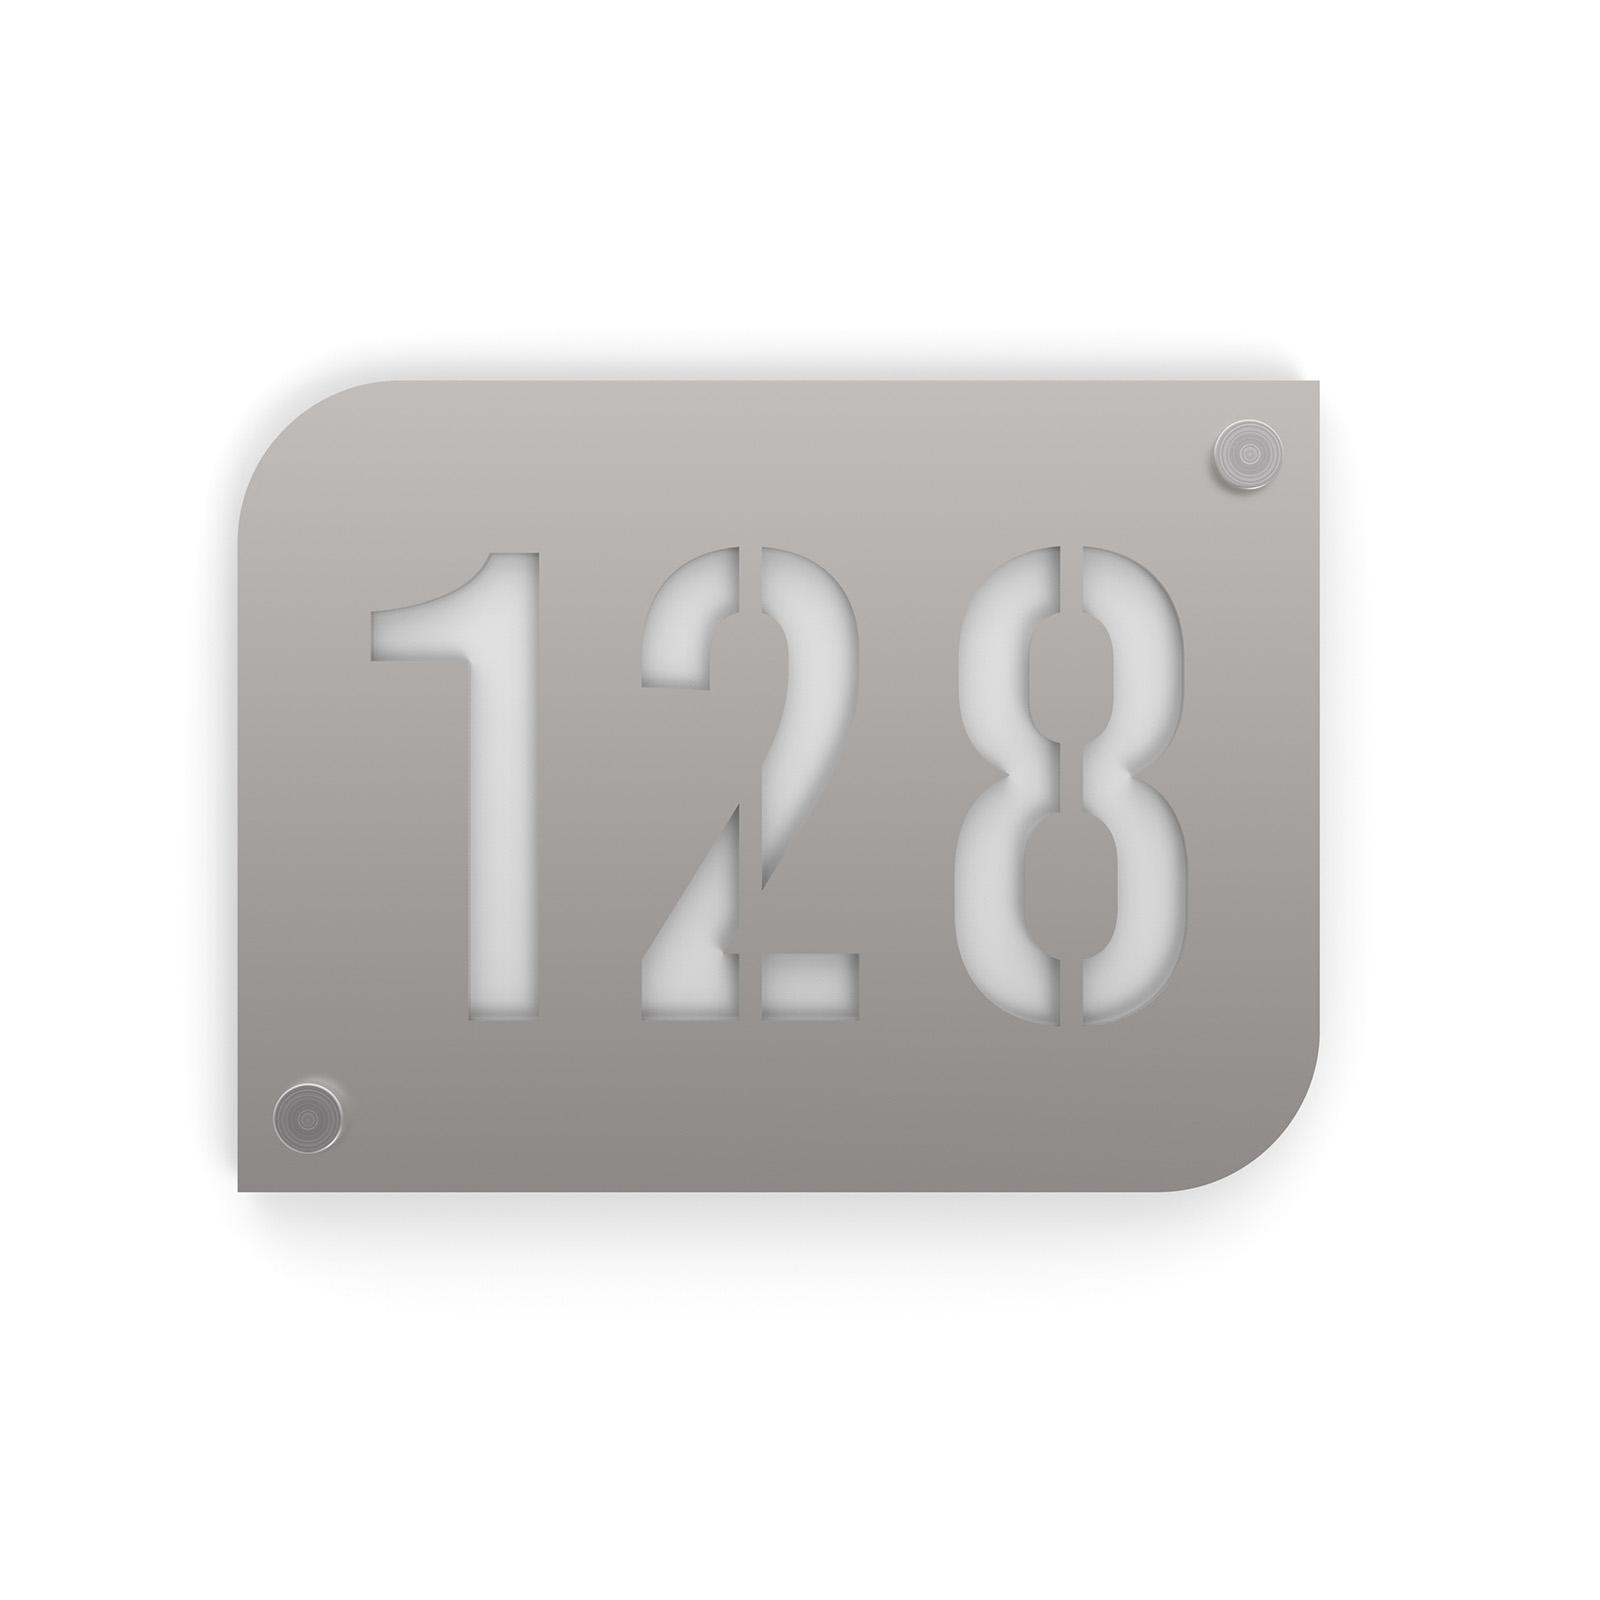 Plaque numéro de rue / maison argent brillant design avec fond personnalisable - Modèle URBAN